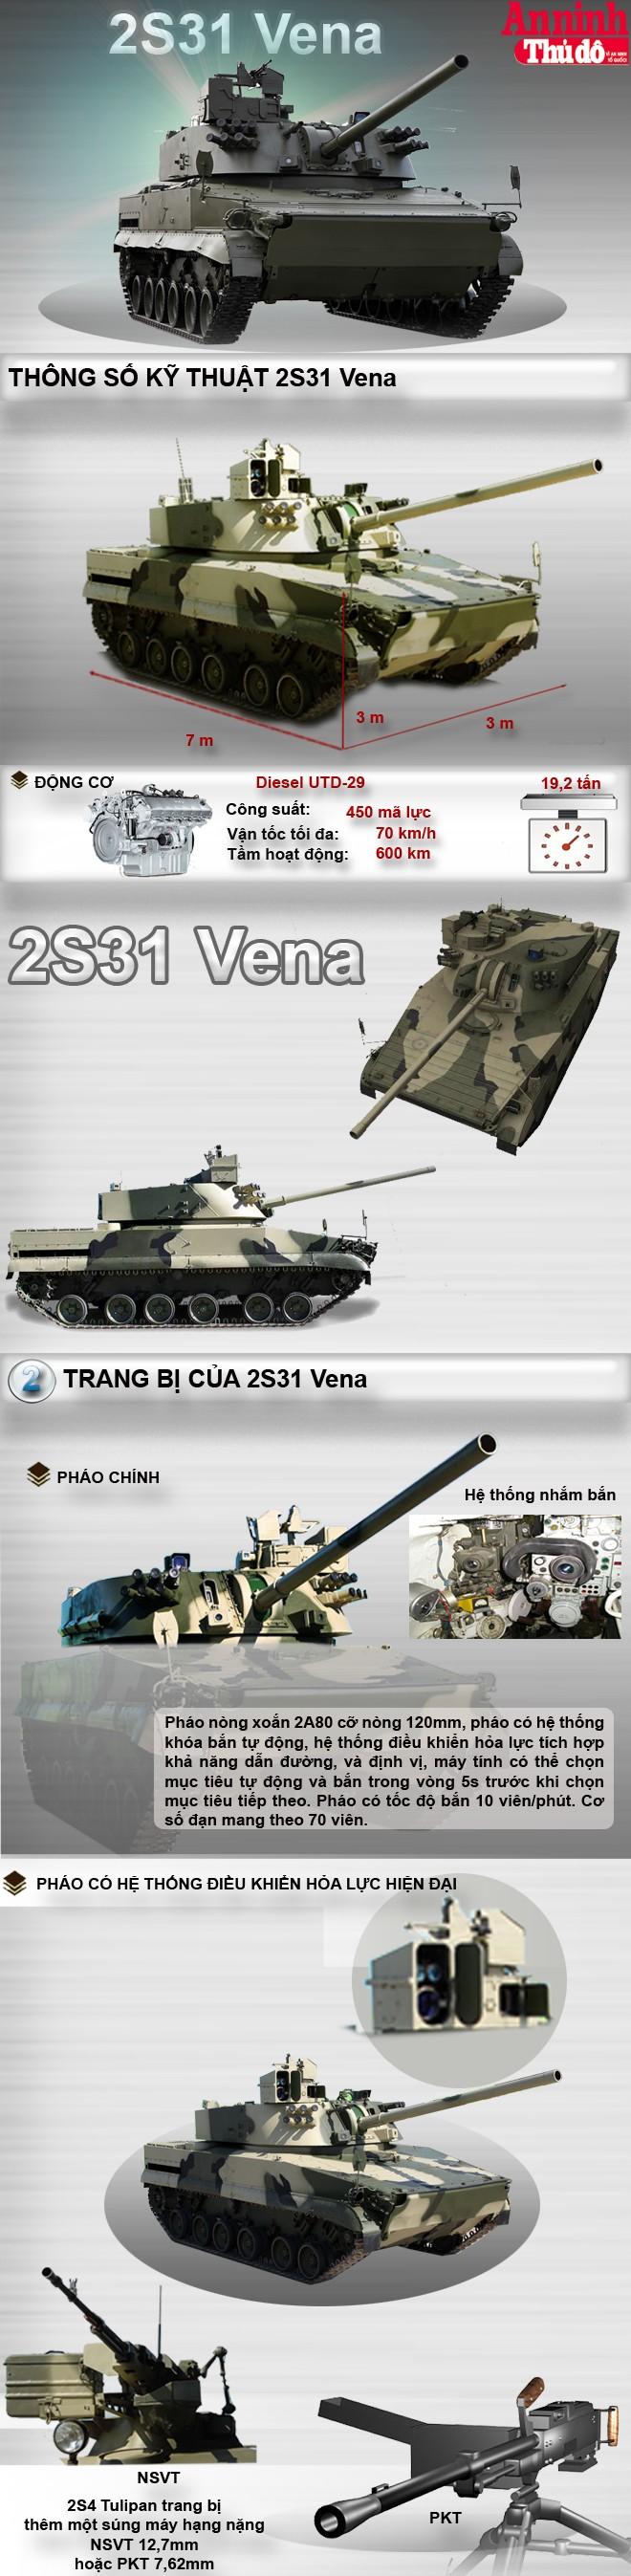 2S31 Vena- sức mạnh pháo tự hành 120mm mới nhất của Nga